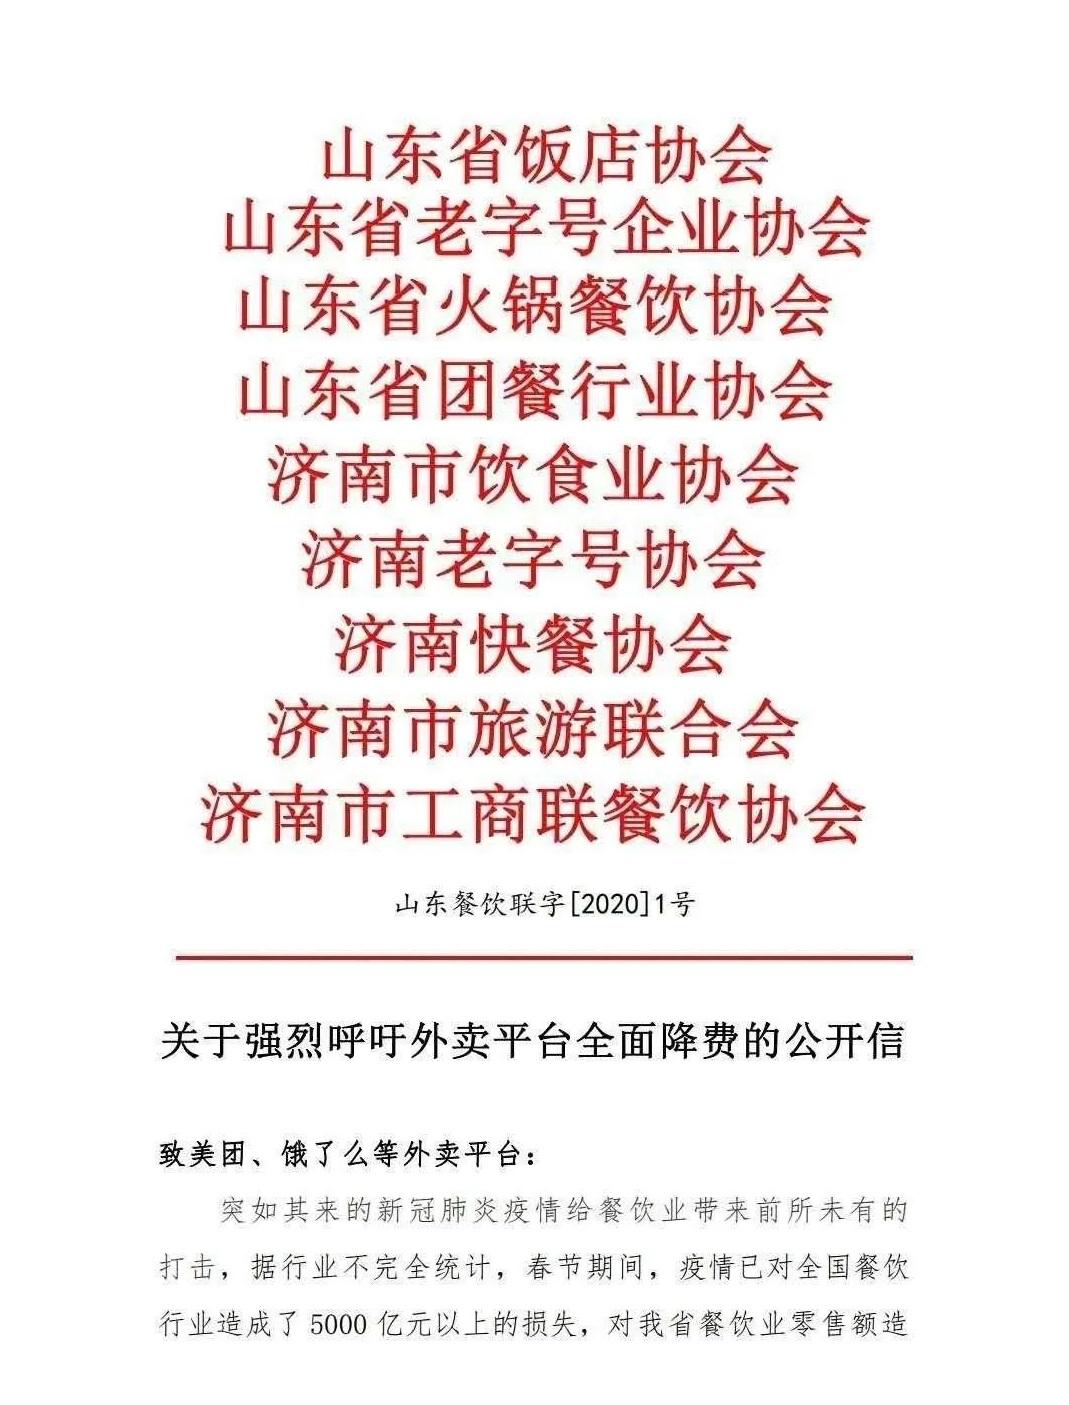 山东多个餐饮协会向外卖平台发布公开信:高额佣金已致餐饮企业苦不堪言